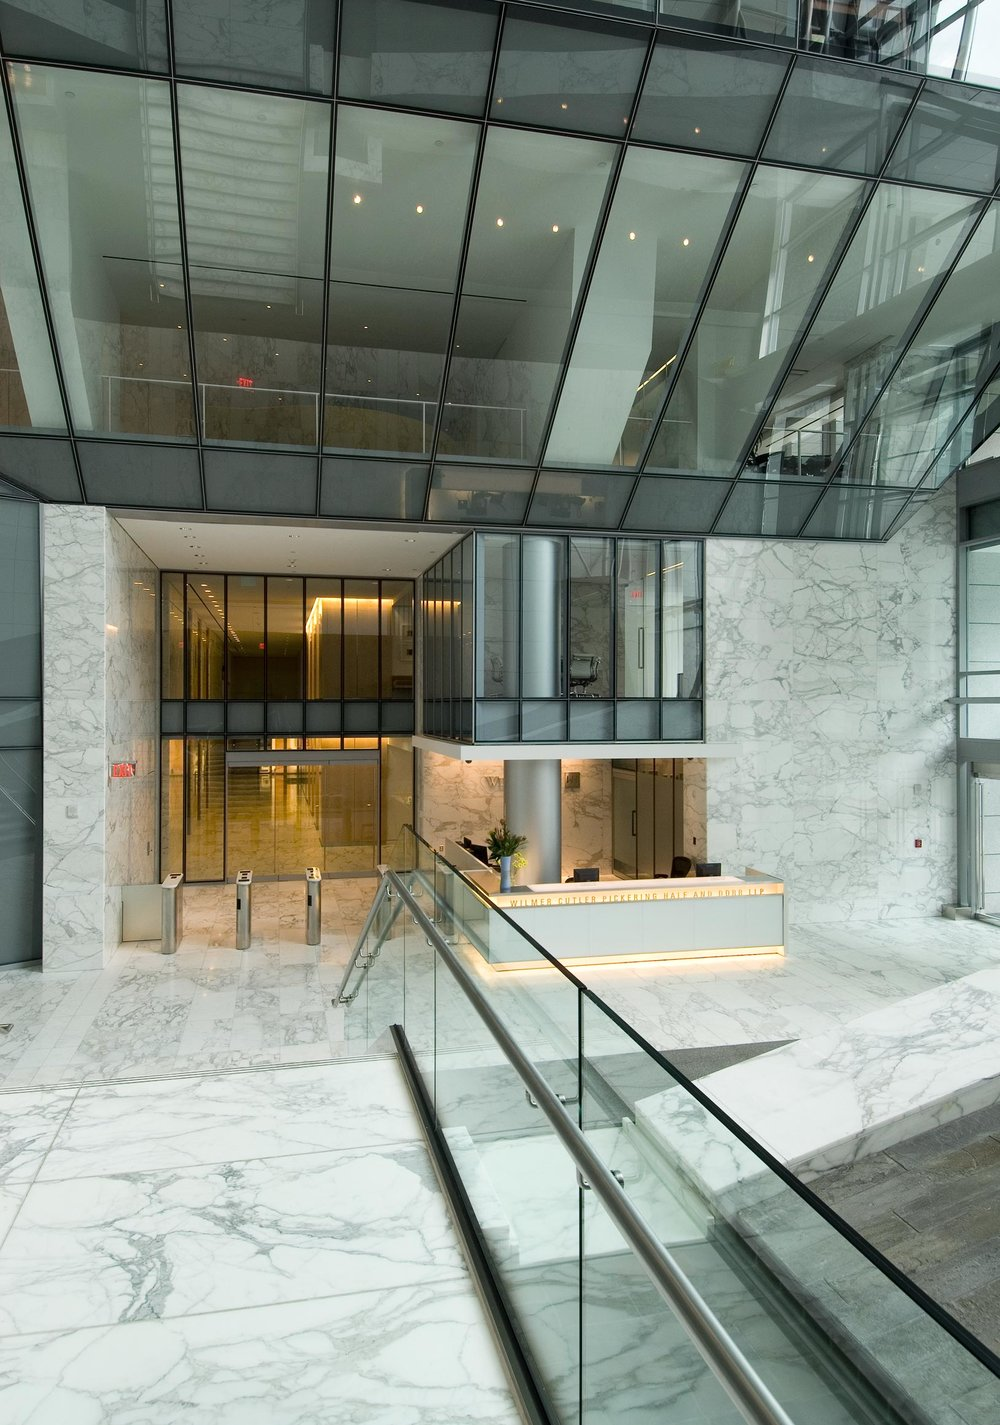 WH-entrance-1.jpg